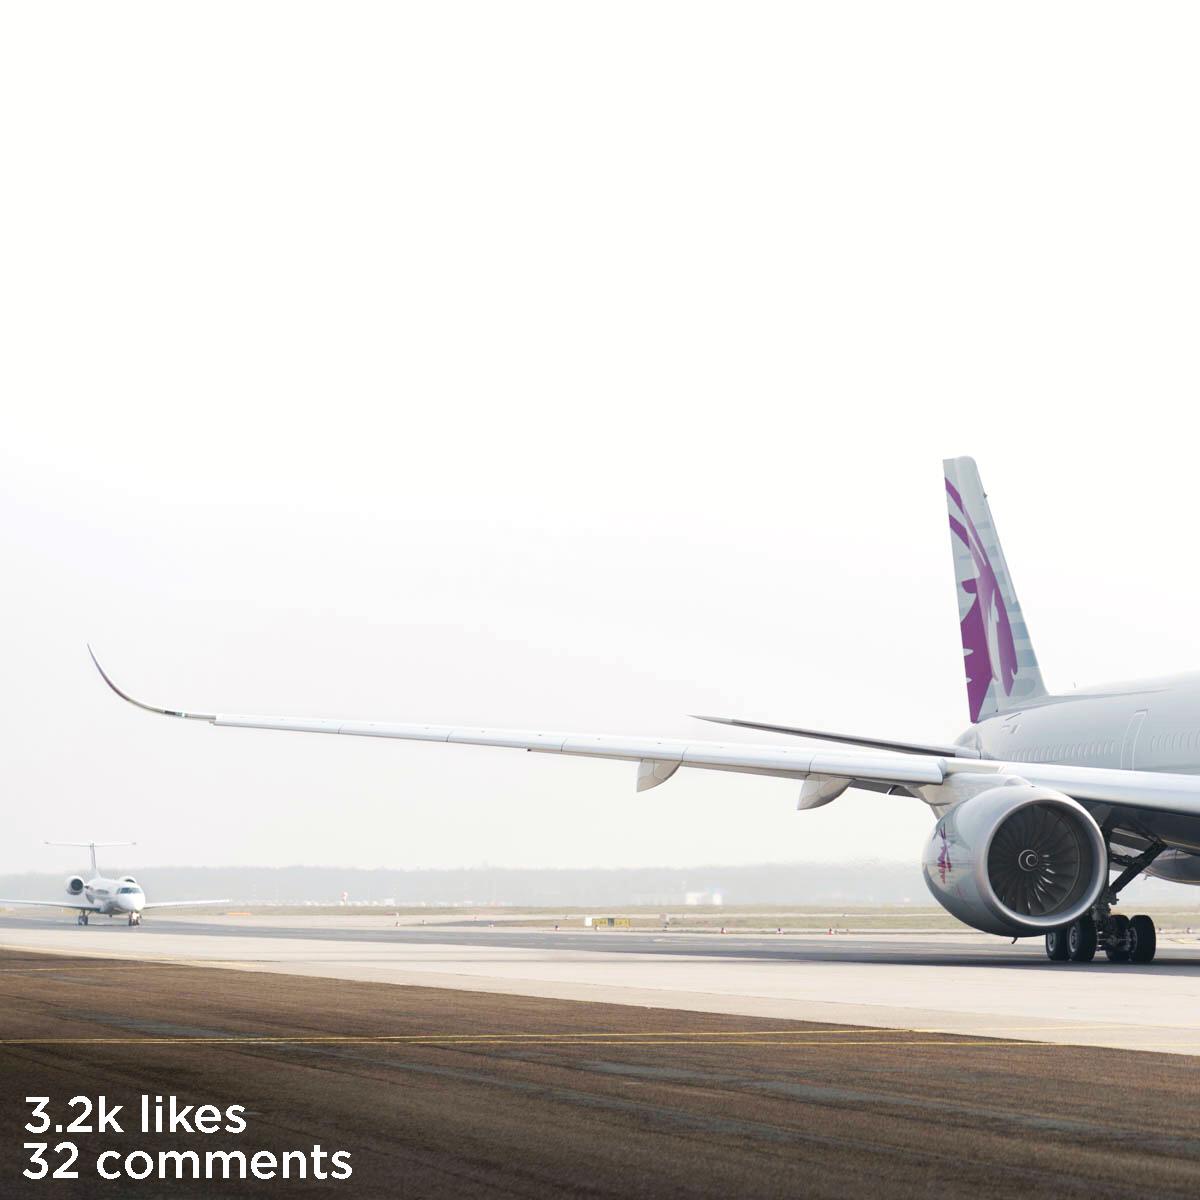 qatar wing a350 runnway (1 of 1) copy.jpg